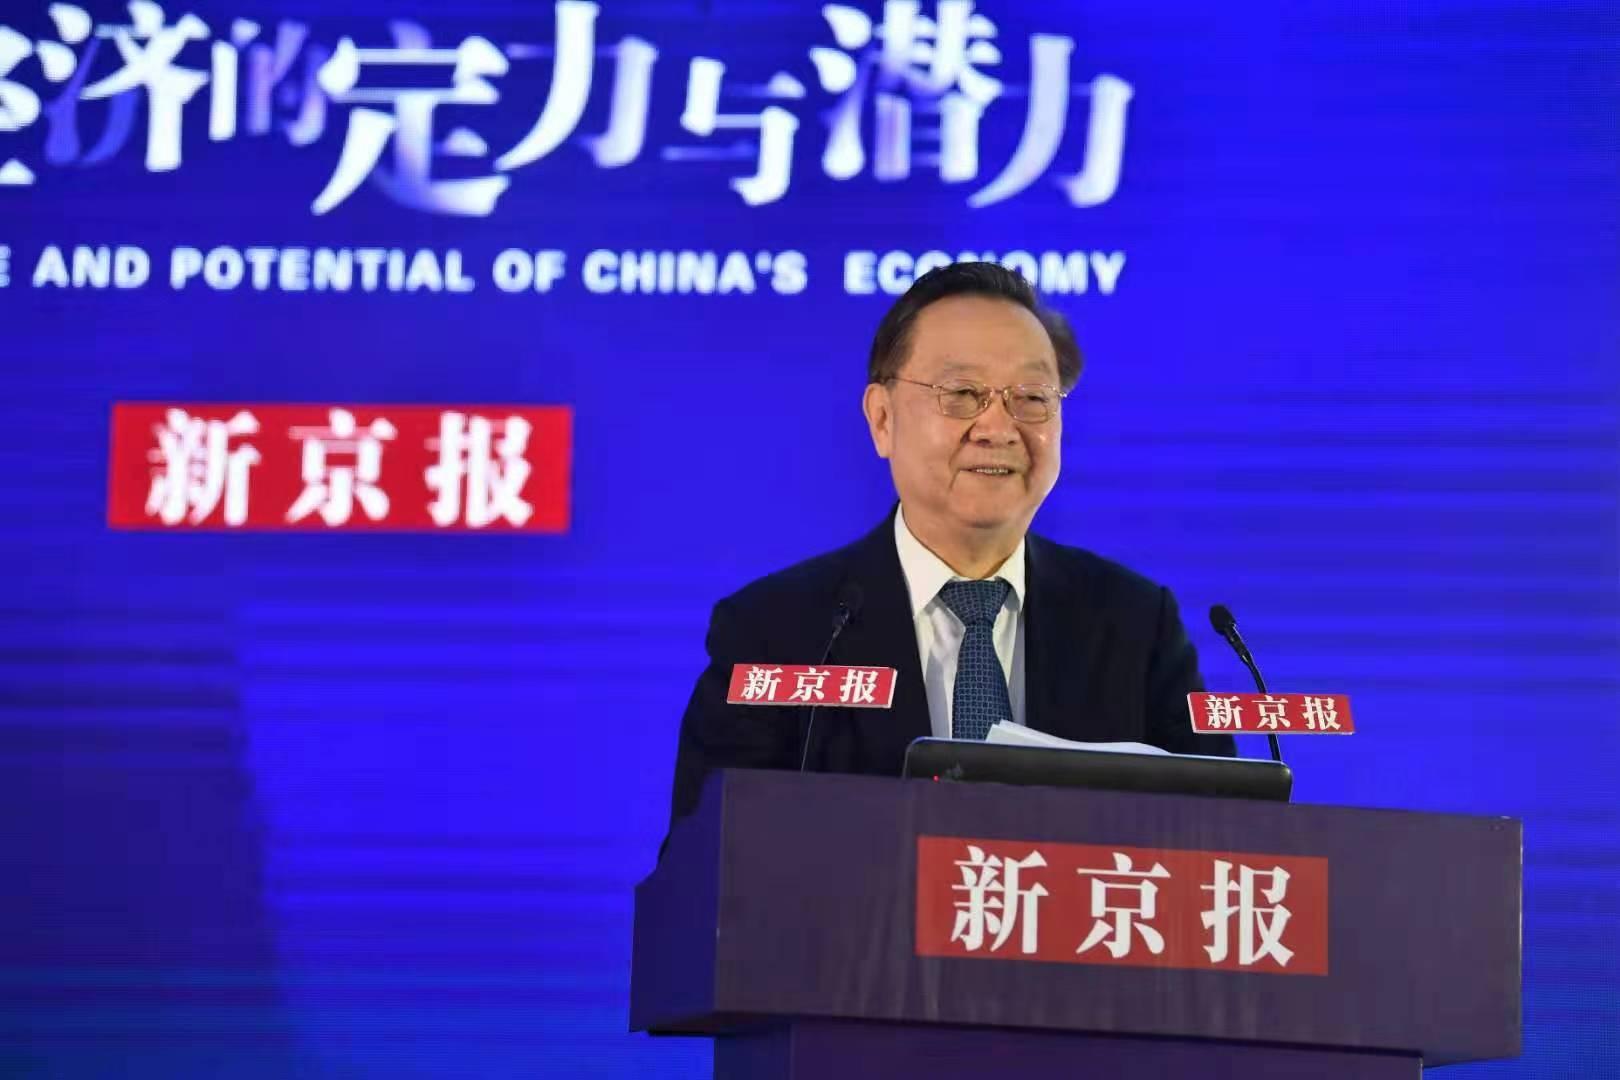 朱光耀:自由贸易遭到严重冲击 中国经济贡献仍最大